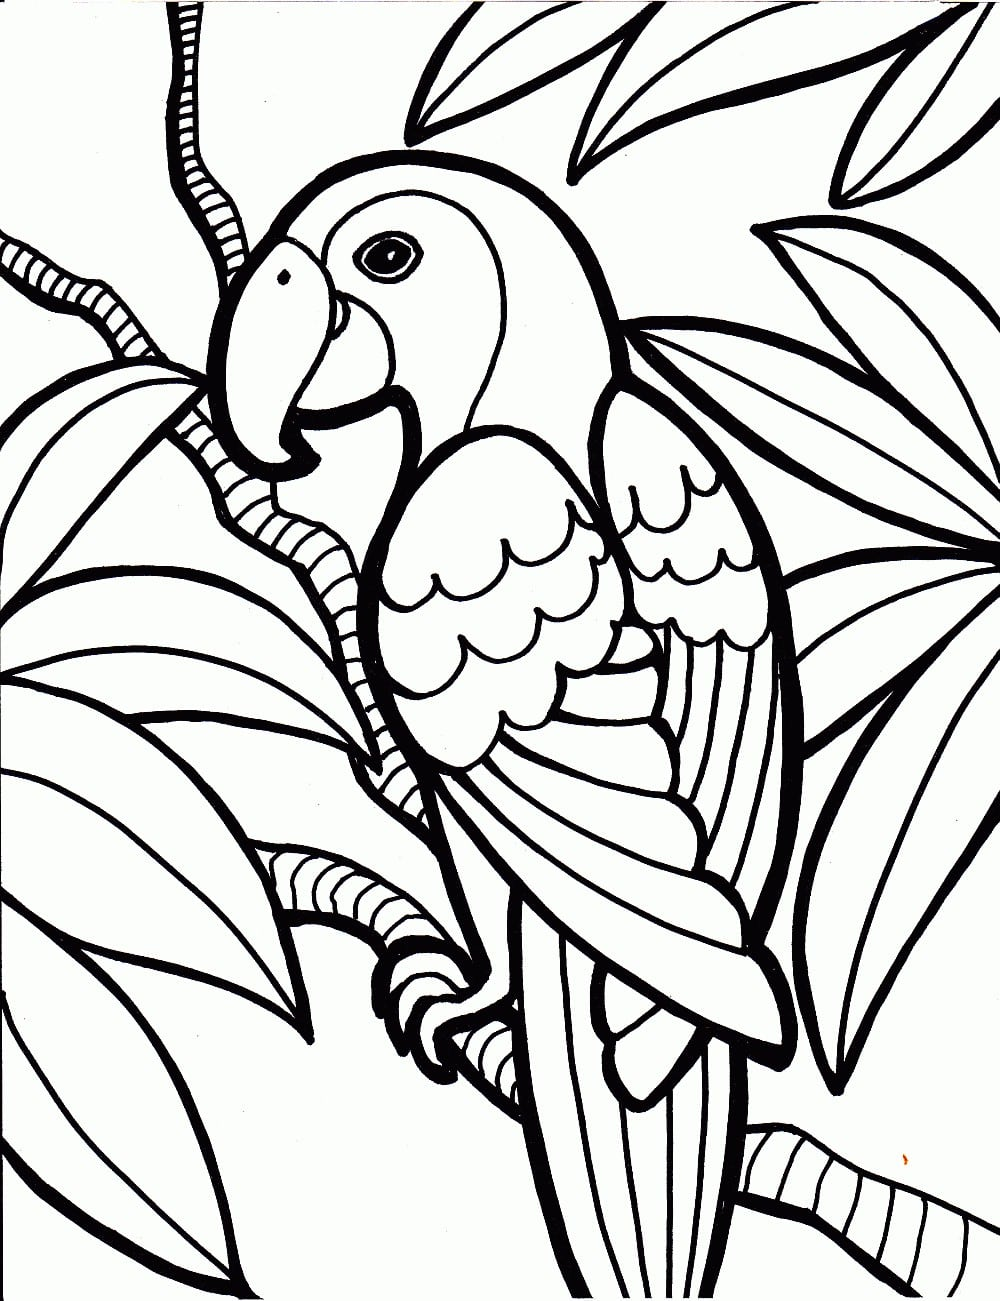 Imagens De Papagaios E Araras Para Imprimir E Colorir 8